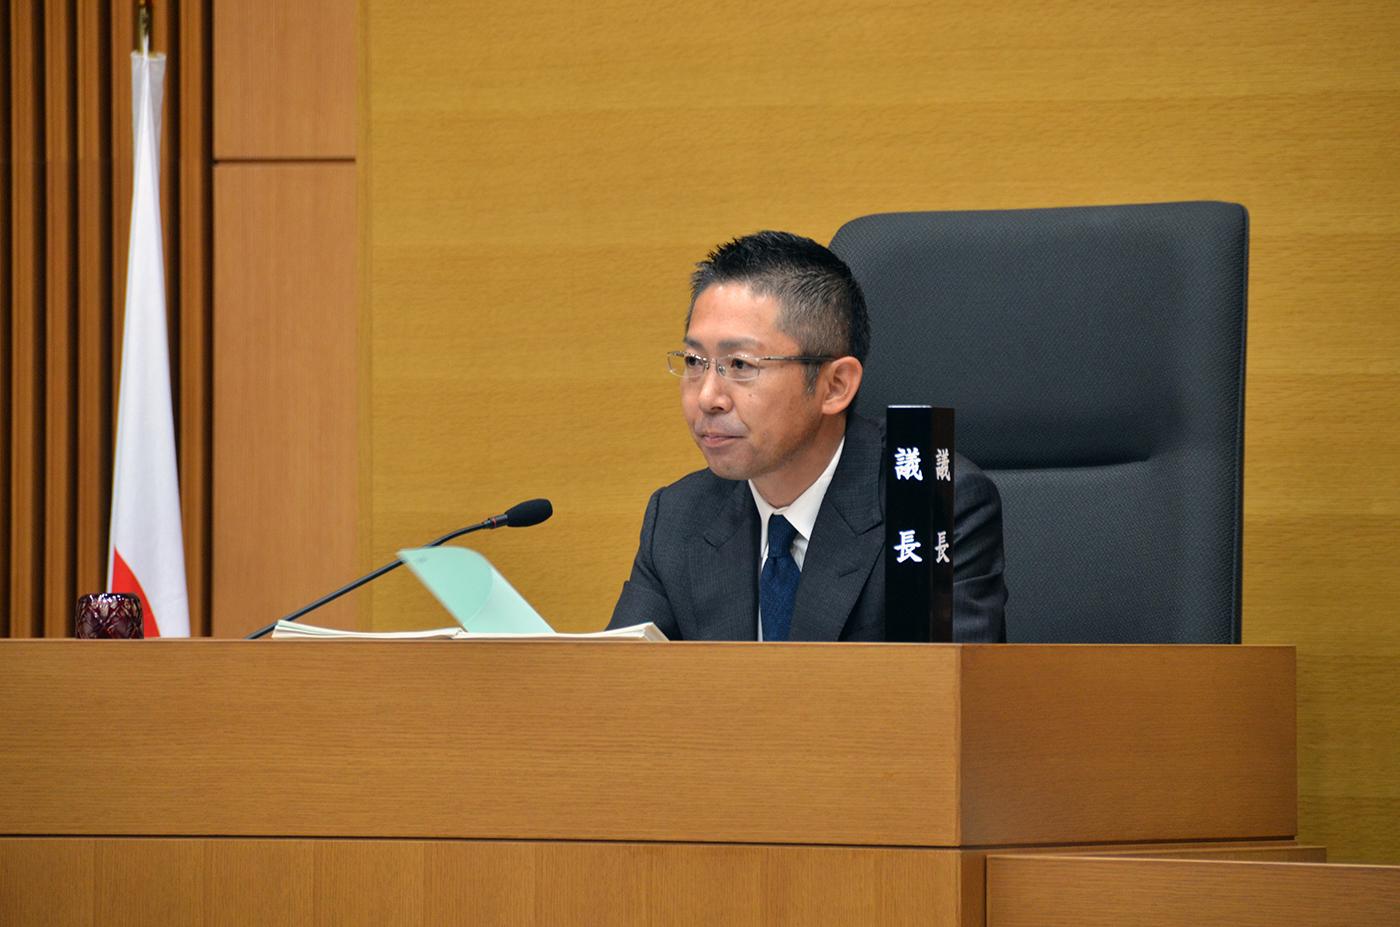 中川たかもと(議長)